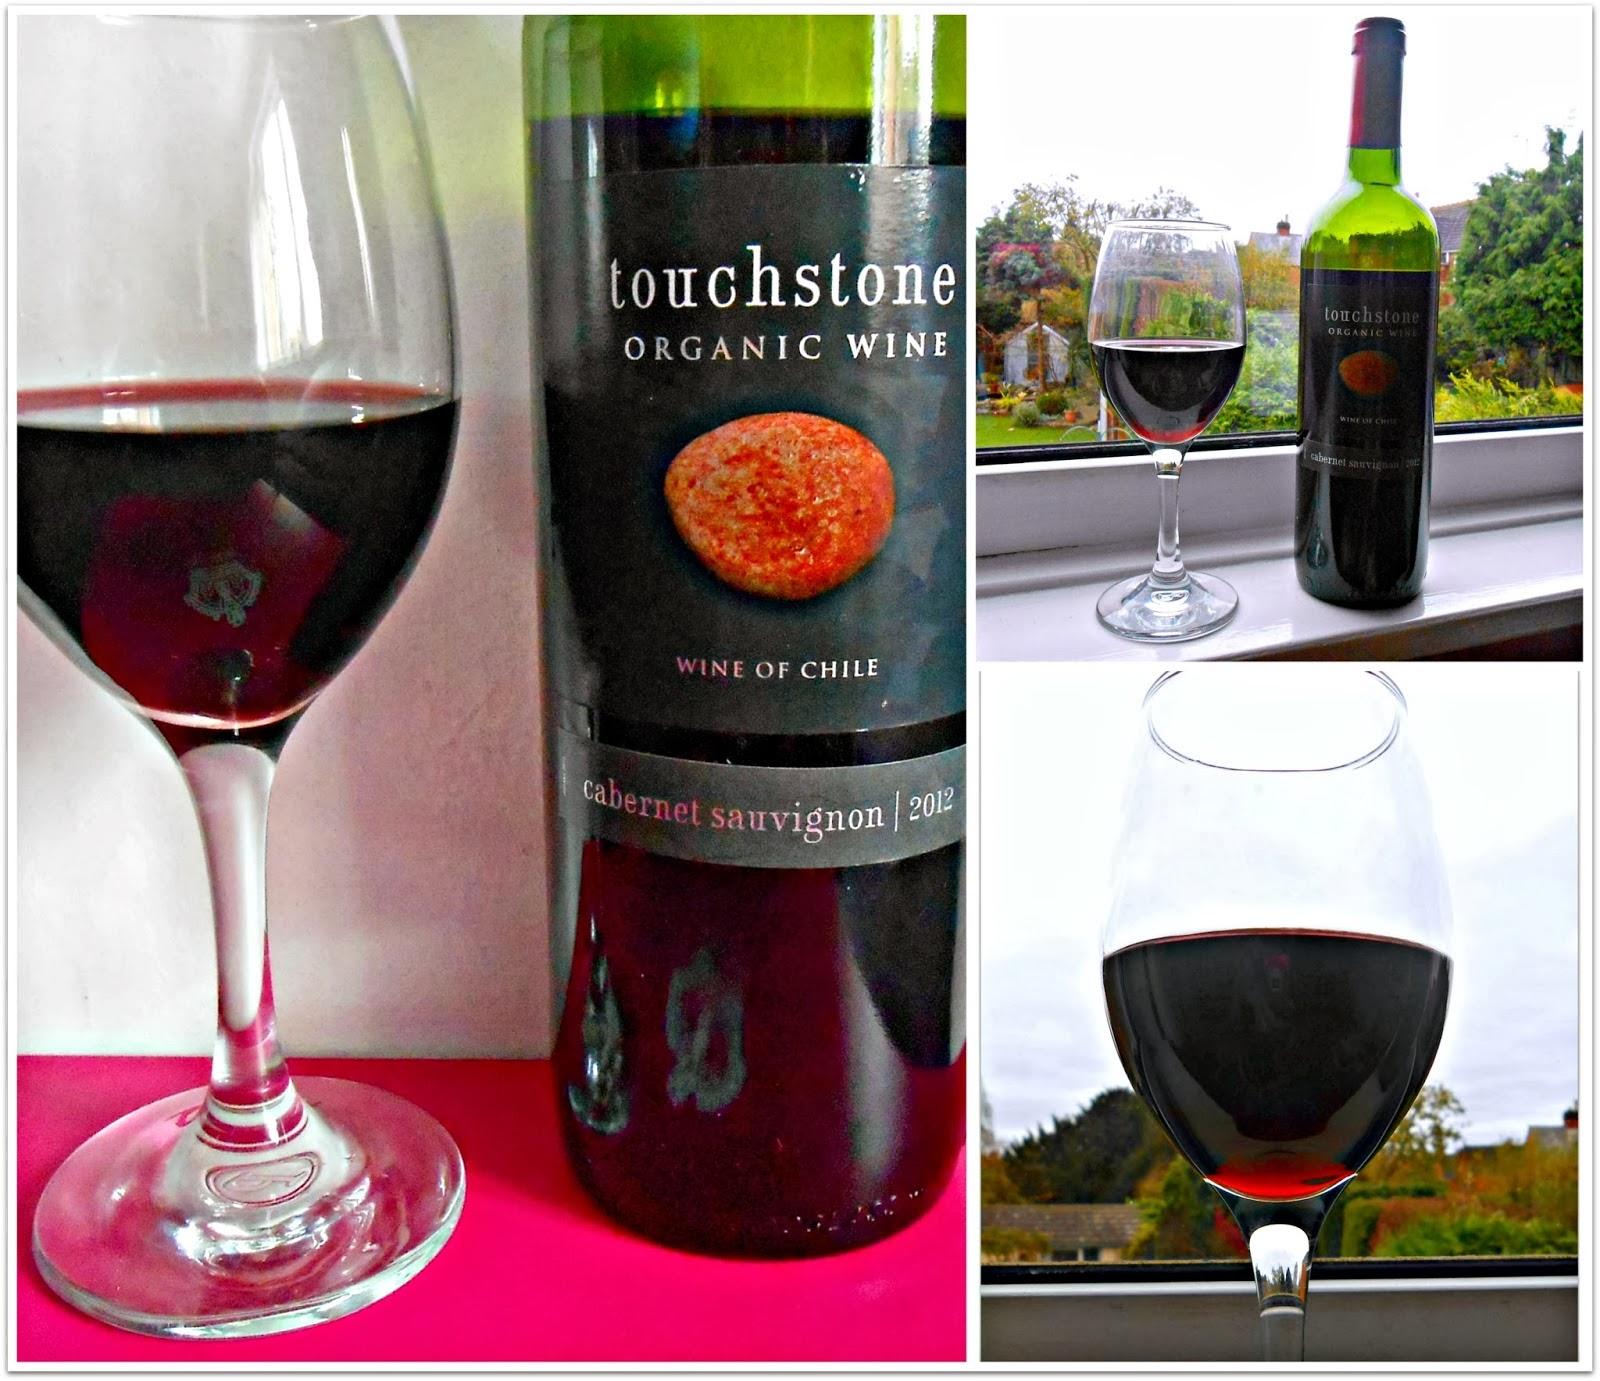 Touchstone Cabernet Sauvignon Organic Red Wine